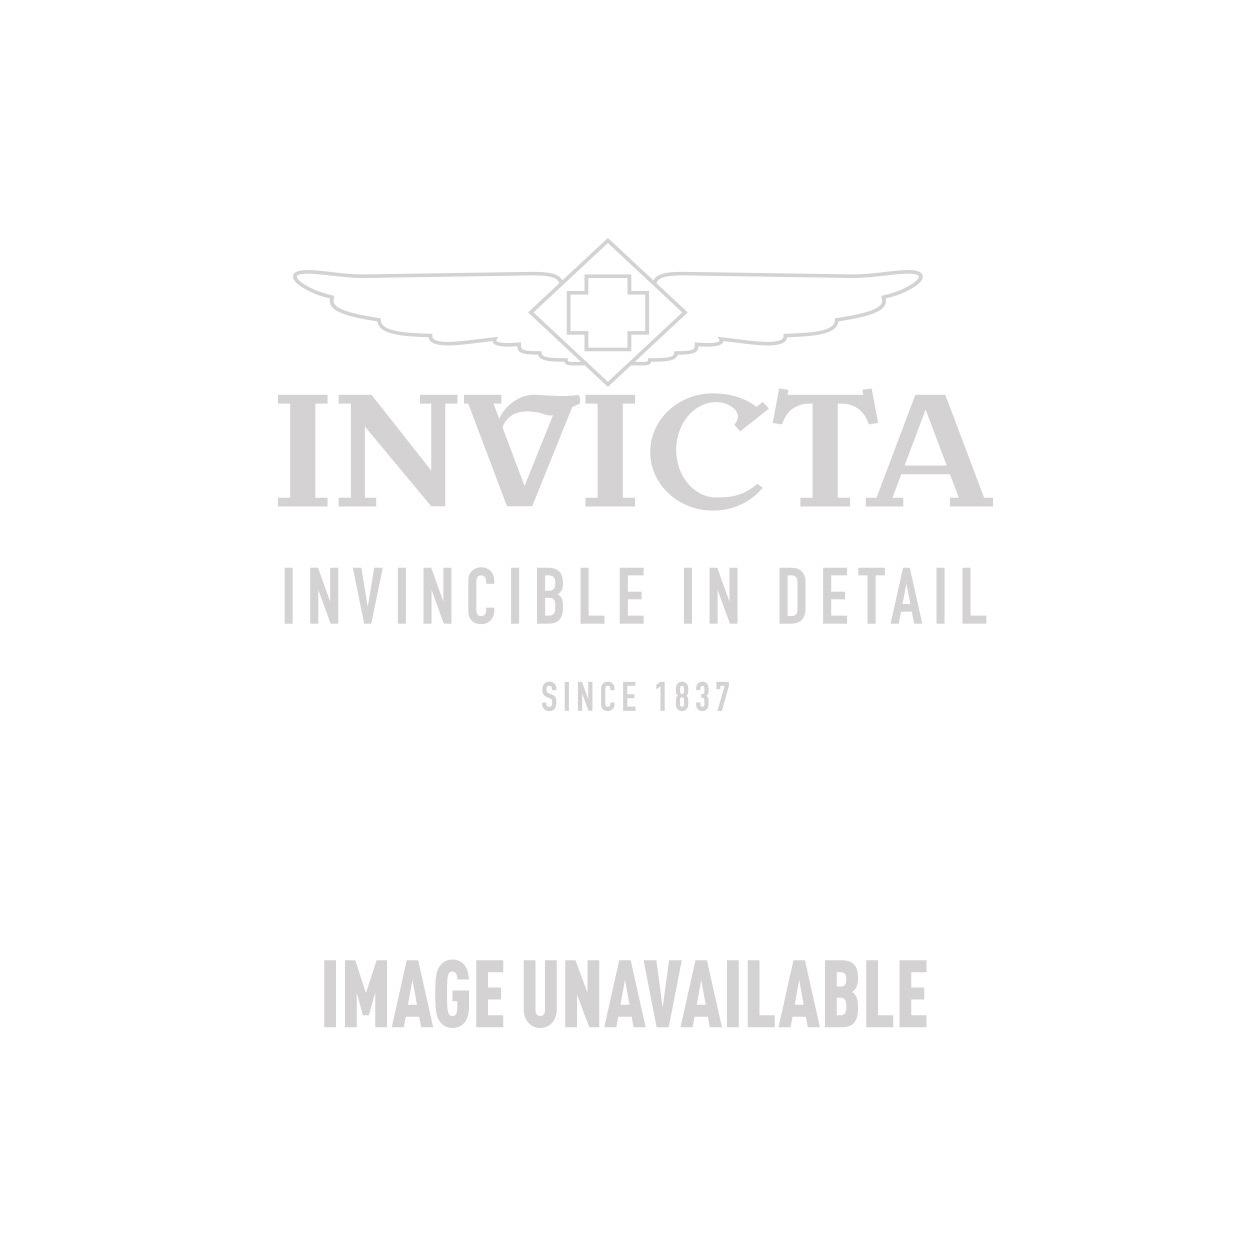 Invicta Model 25515